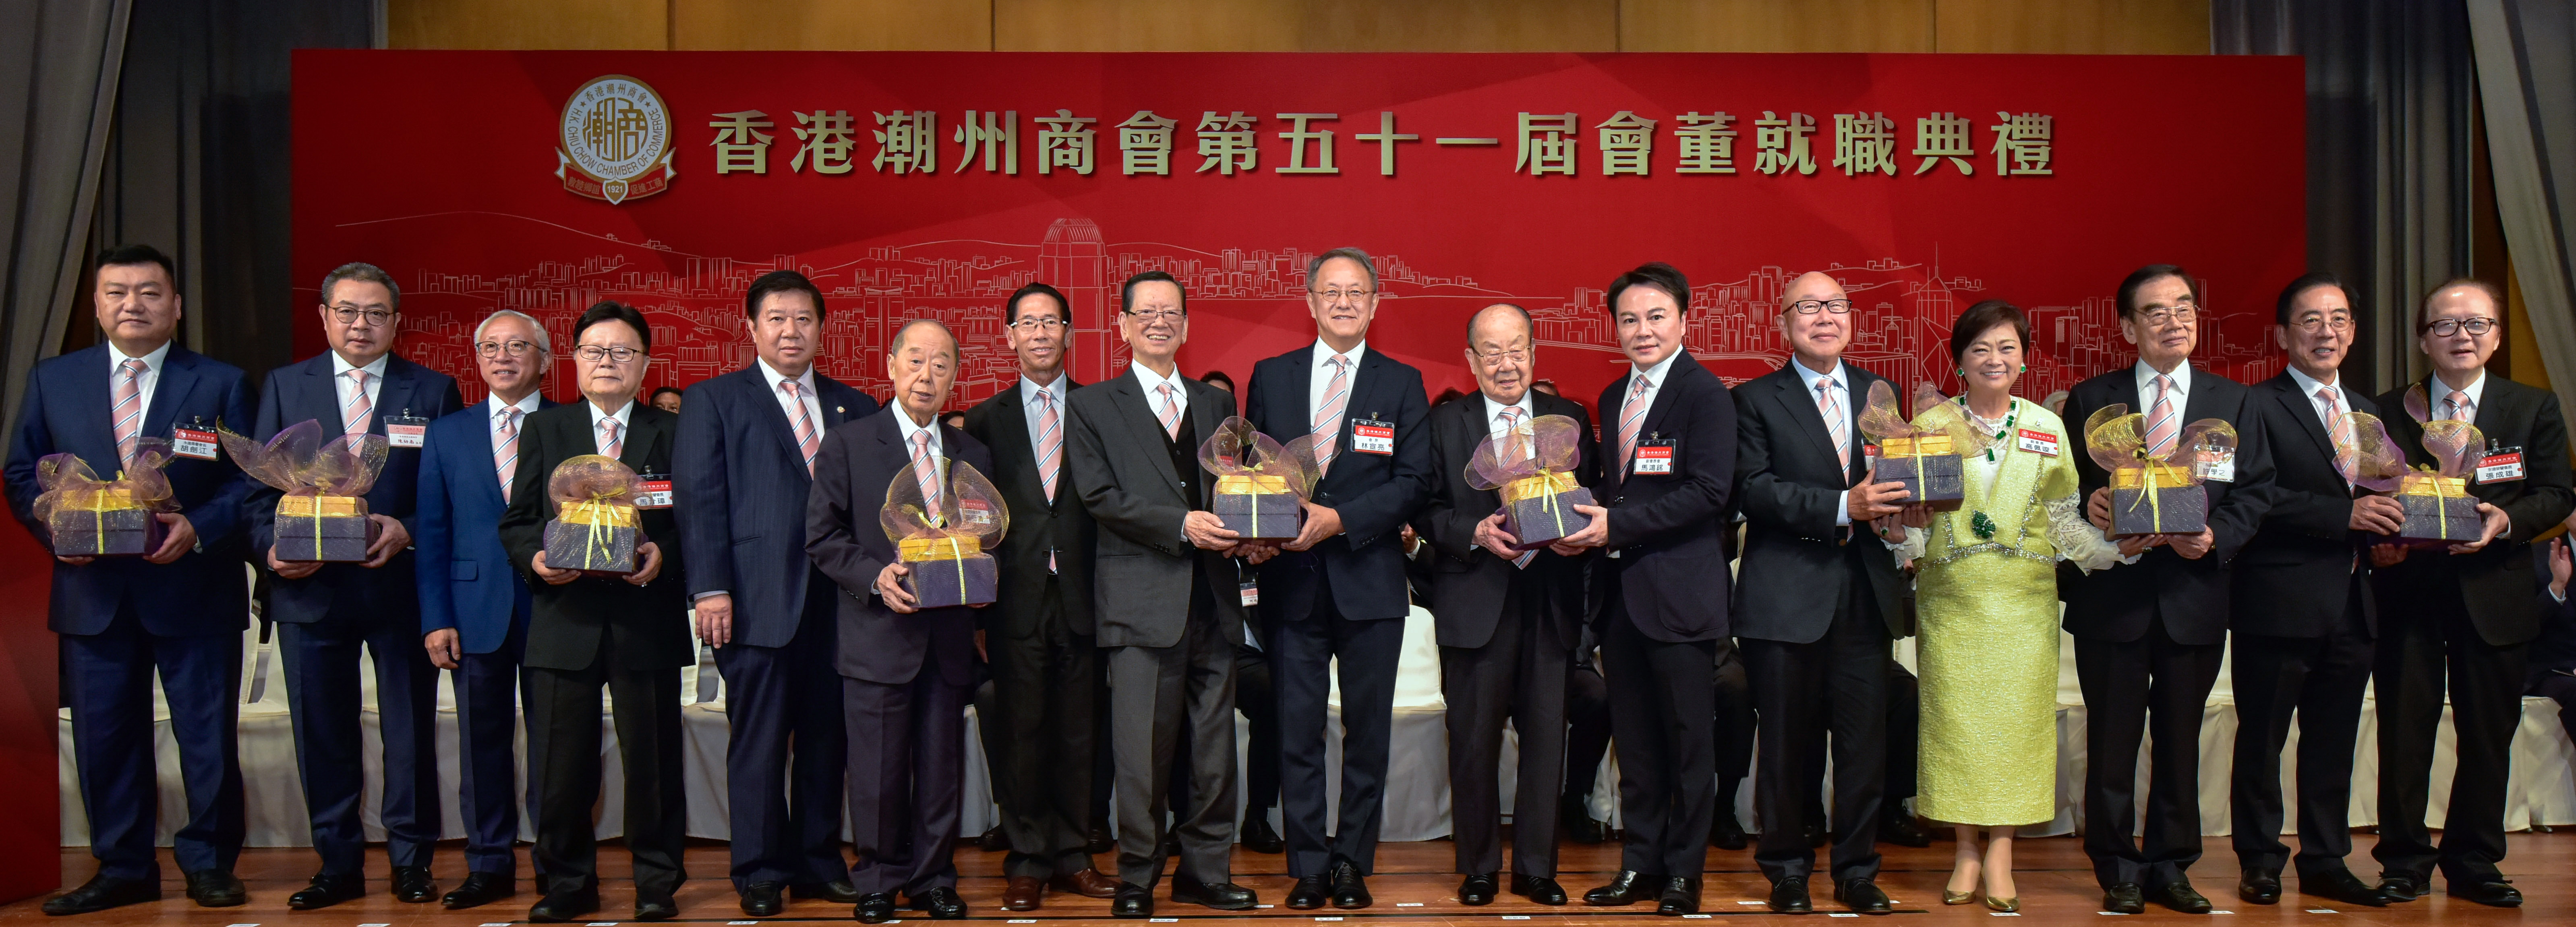 8-第五十一屆正副會長向出席儀式的九位永遠榮譽會長致送紀念品。